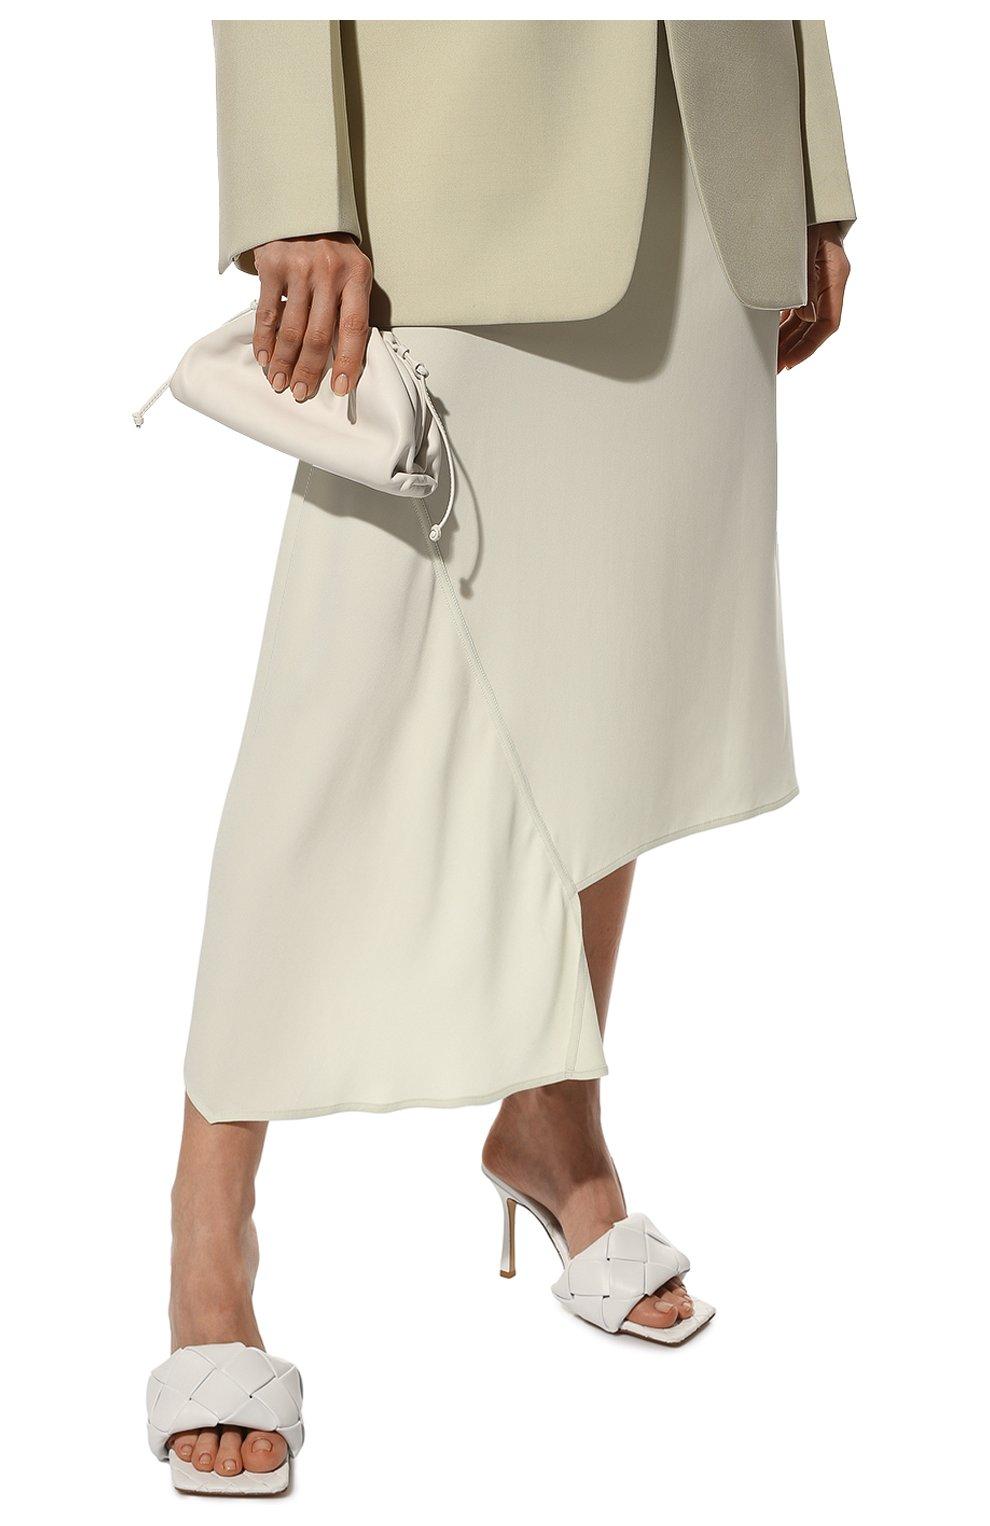 Женский клатч pouch mini BOTTEGA VENETA белого цвета, арт. 585852/VCP40 | Фото 2 (Материал: Натуральная кожа; Женское Кросс-КТ: Клатч-клатчи; Размер: mini; Ремень/цепочка: На ремешке)